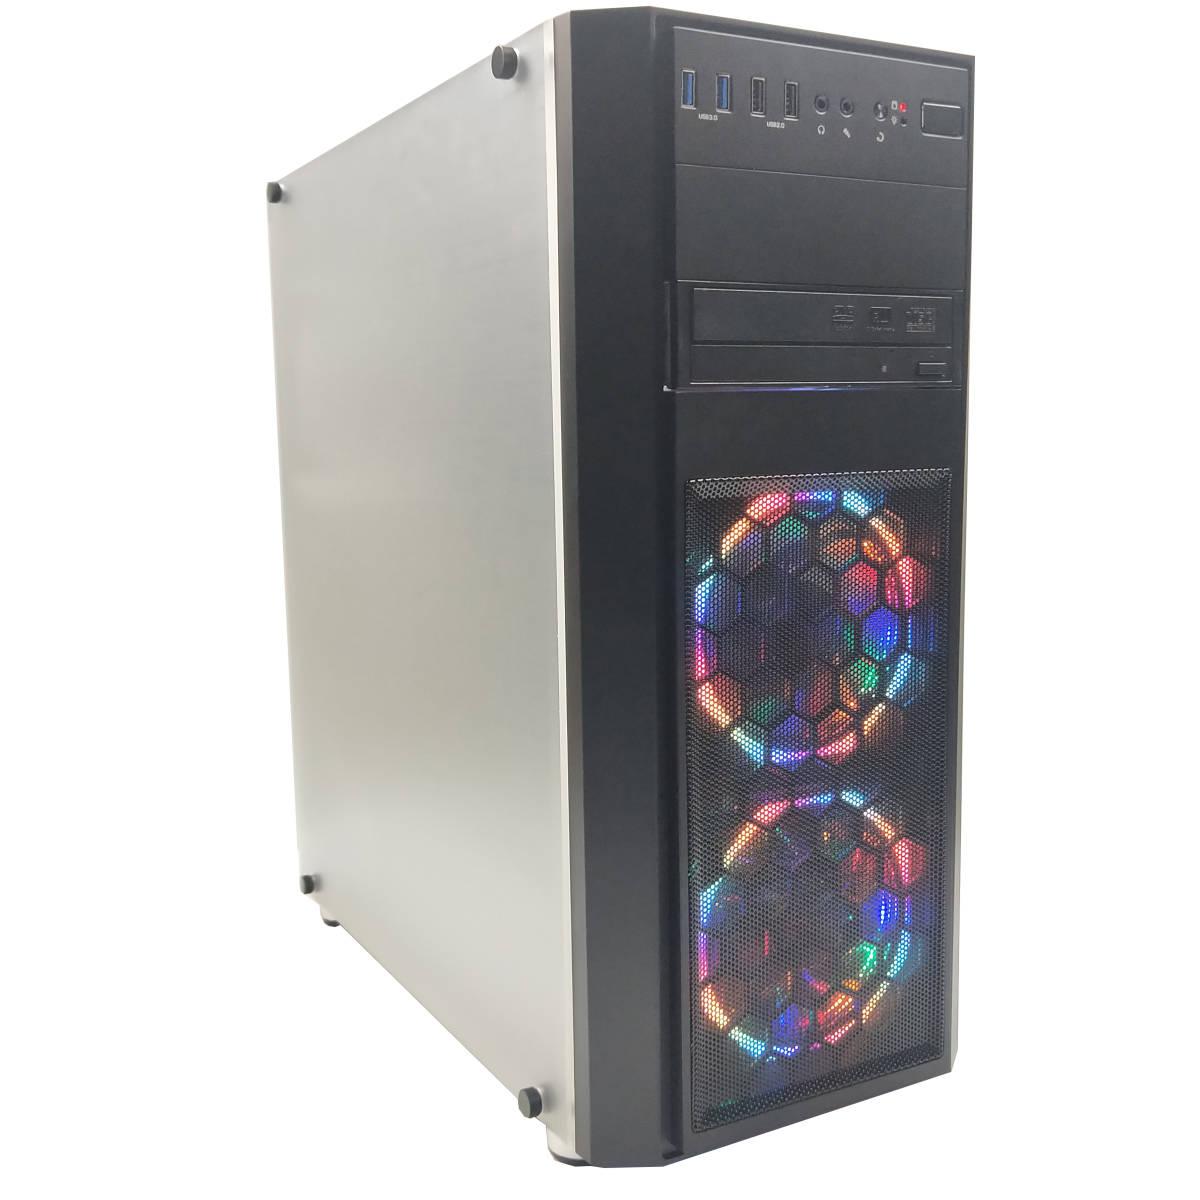 ■驚速 超美品 新品ケース DELL3800改 i7-4790 4.0Gx8/16GB■新SSD480GB+大容量HDD2TB Win10/Office2019Pro/HDMI/追加 無線WIFI/USB3.0 SK5